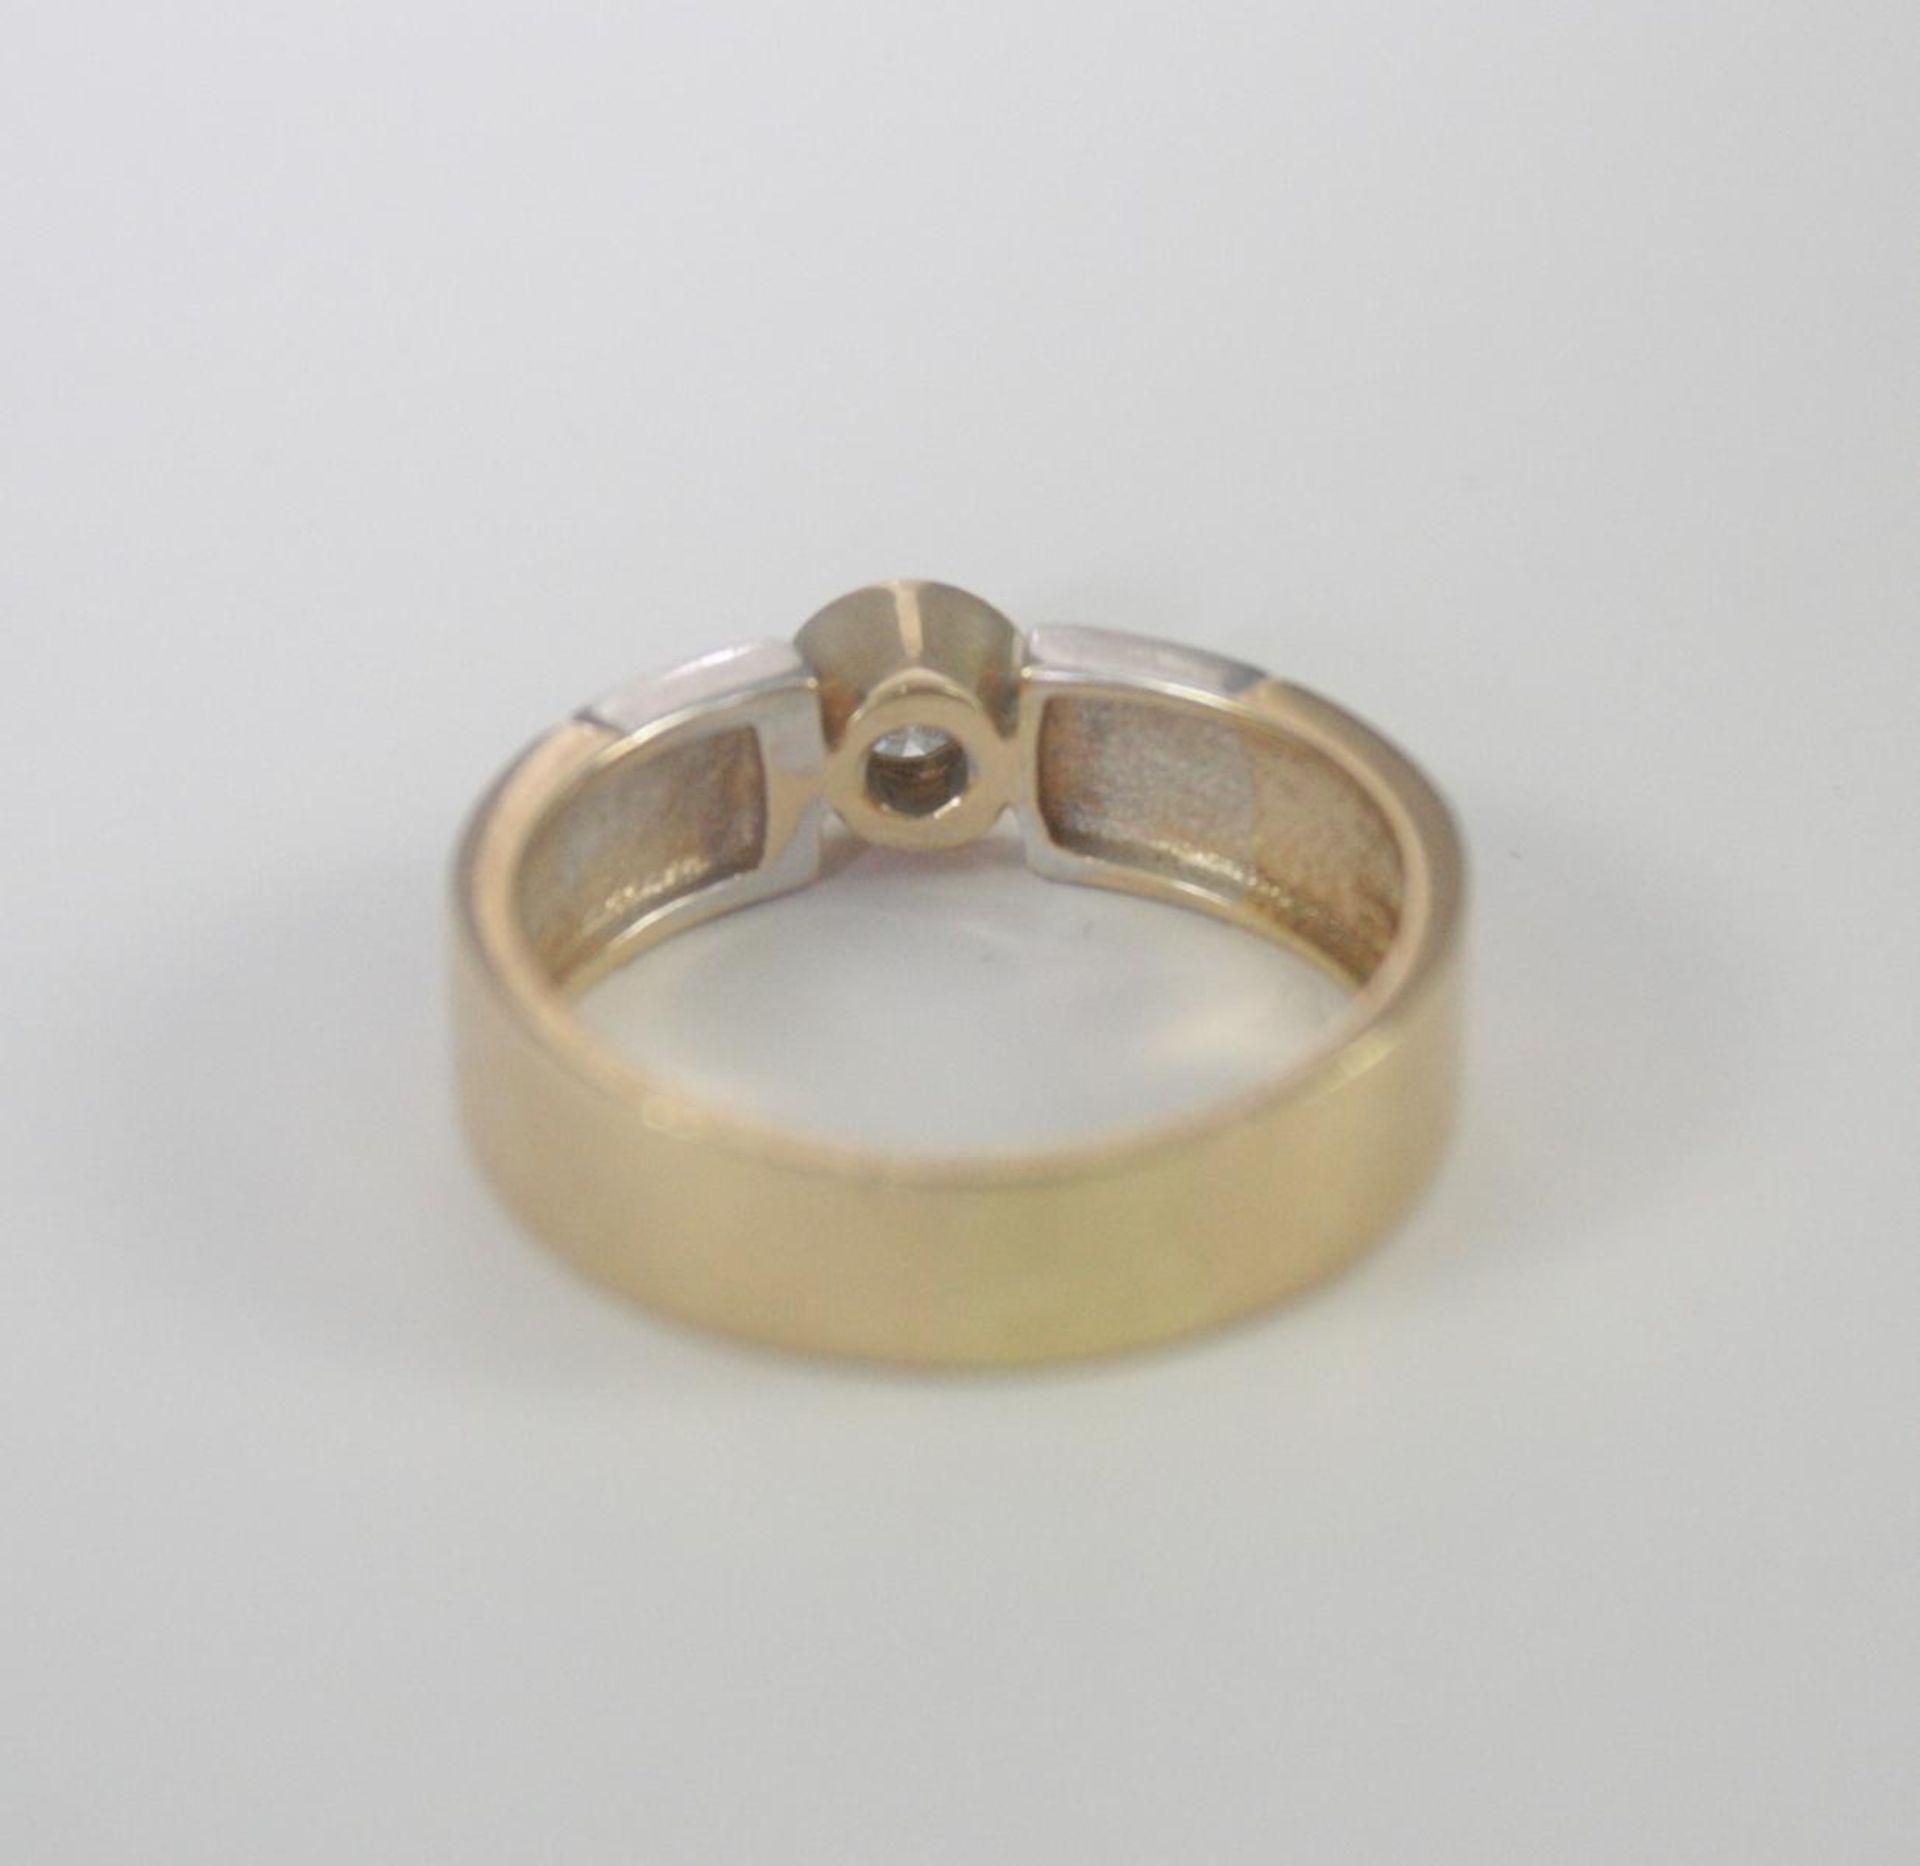 Damenring mit Diamant, 14 Karat Gelb- und Weißgold - Bild 3 aus 3